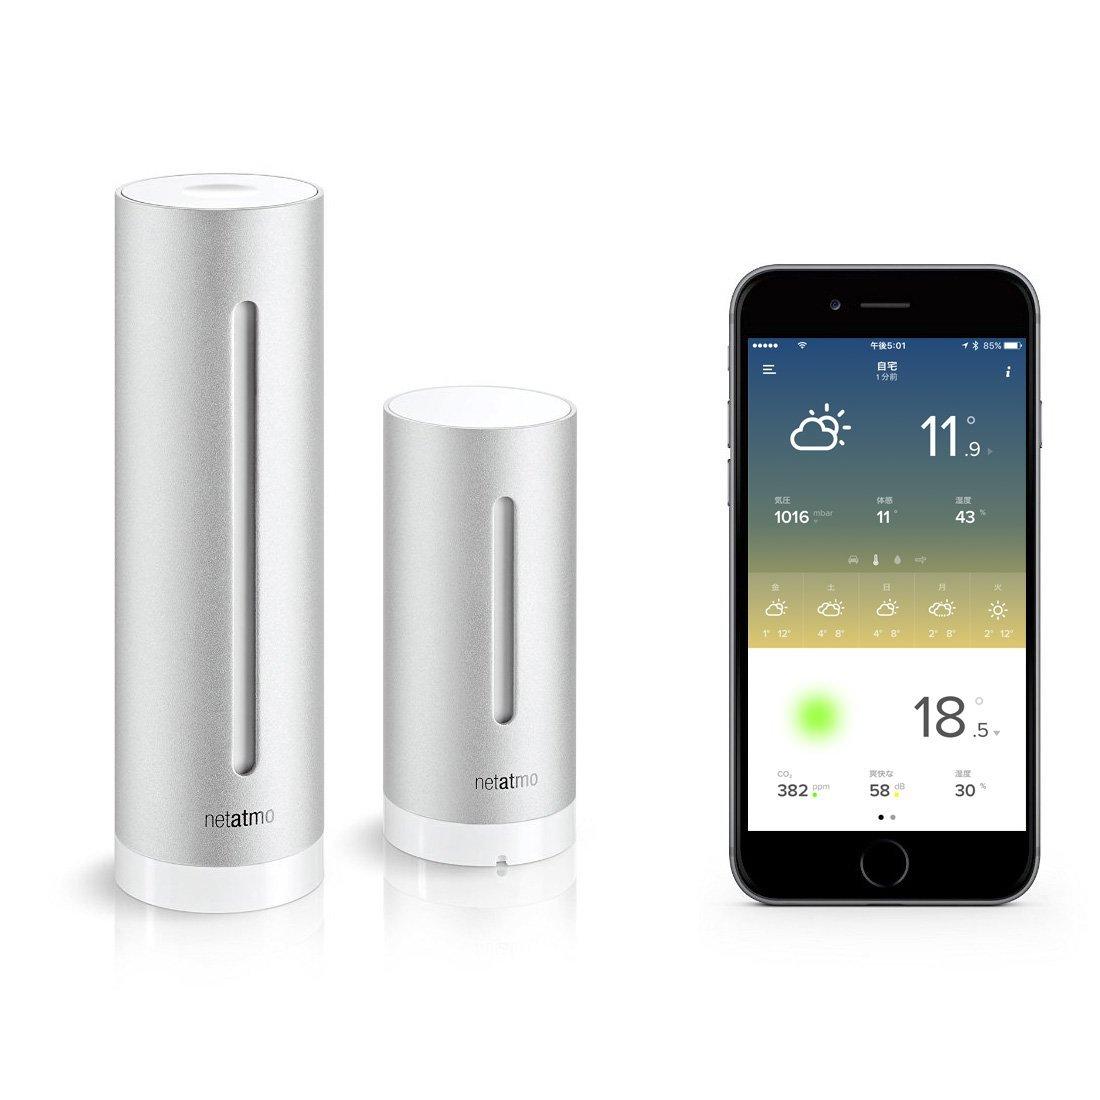 送料無料 iPhone/iPad から 空気や湿度をモニタリングする Netatmo ウェザーステーション NET-OT-000001c /在庫あり/【国内正規品】【スマホ・タブレットのアクセサリー専門店 スマートフォンアクセサリー フューチャモバイル】